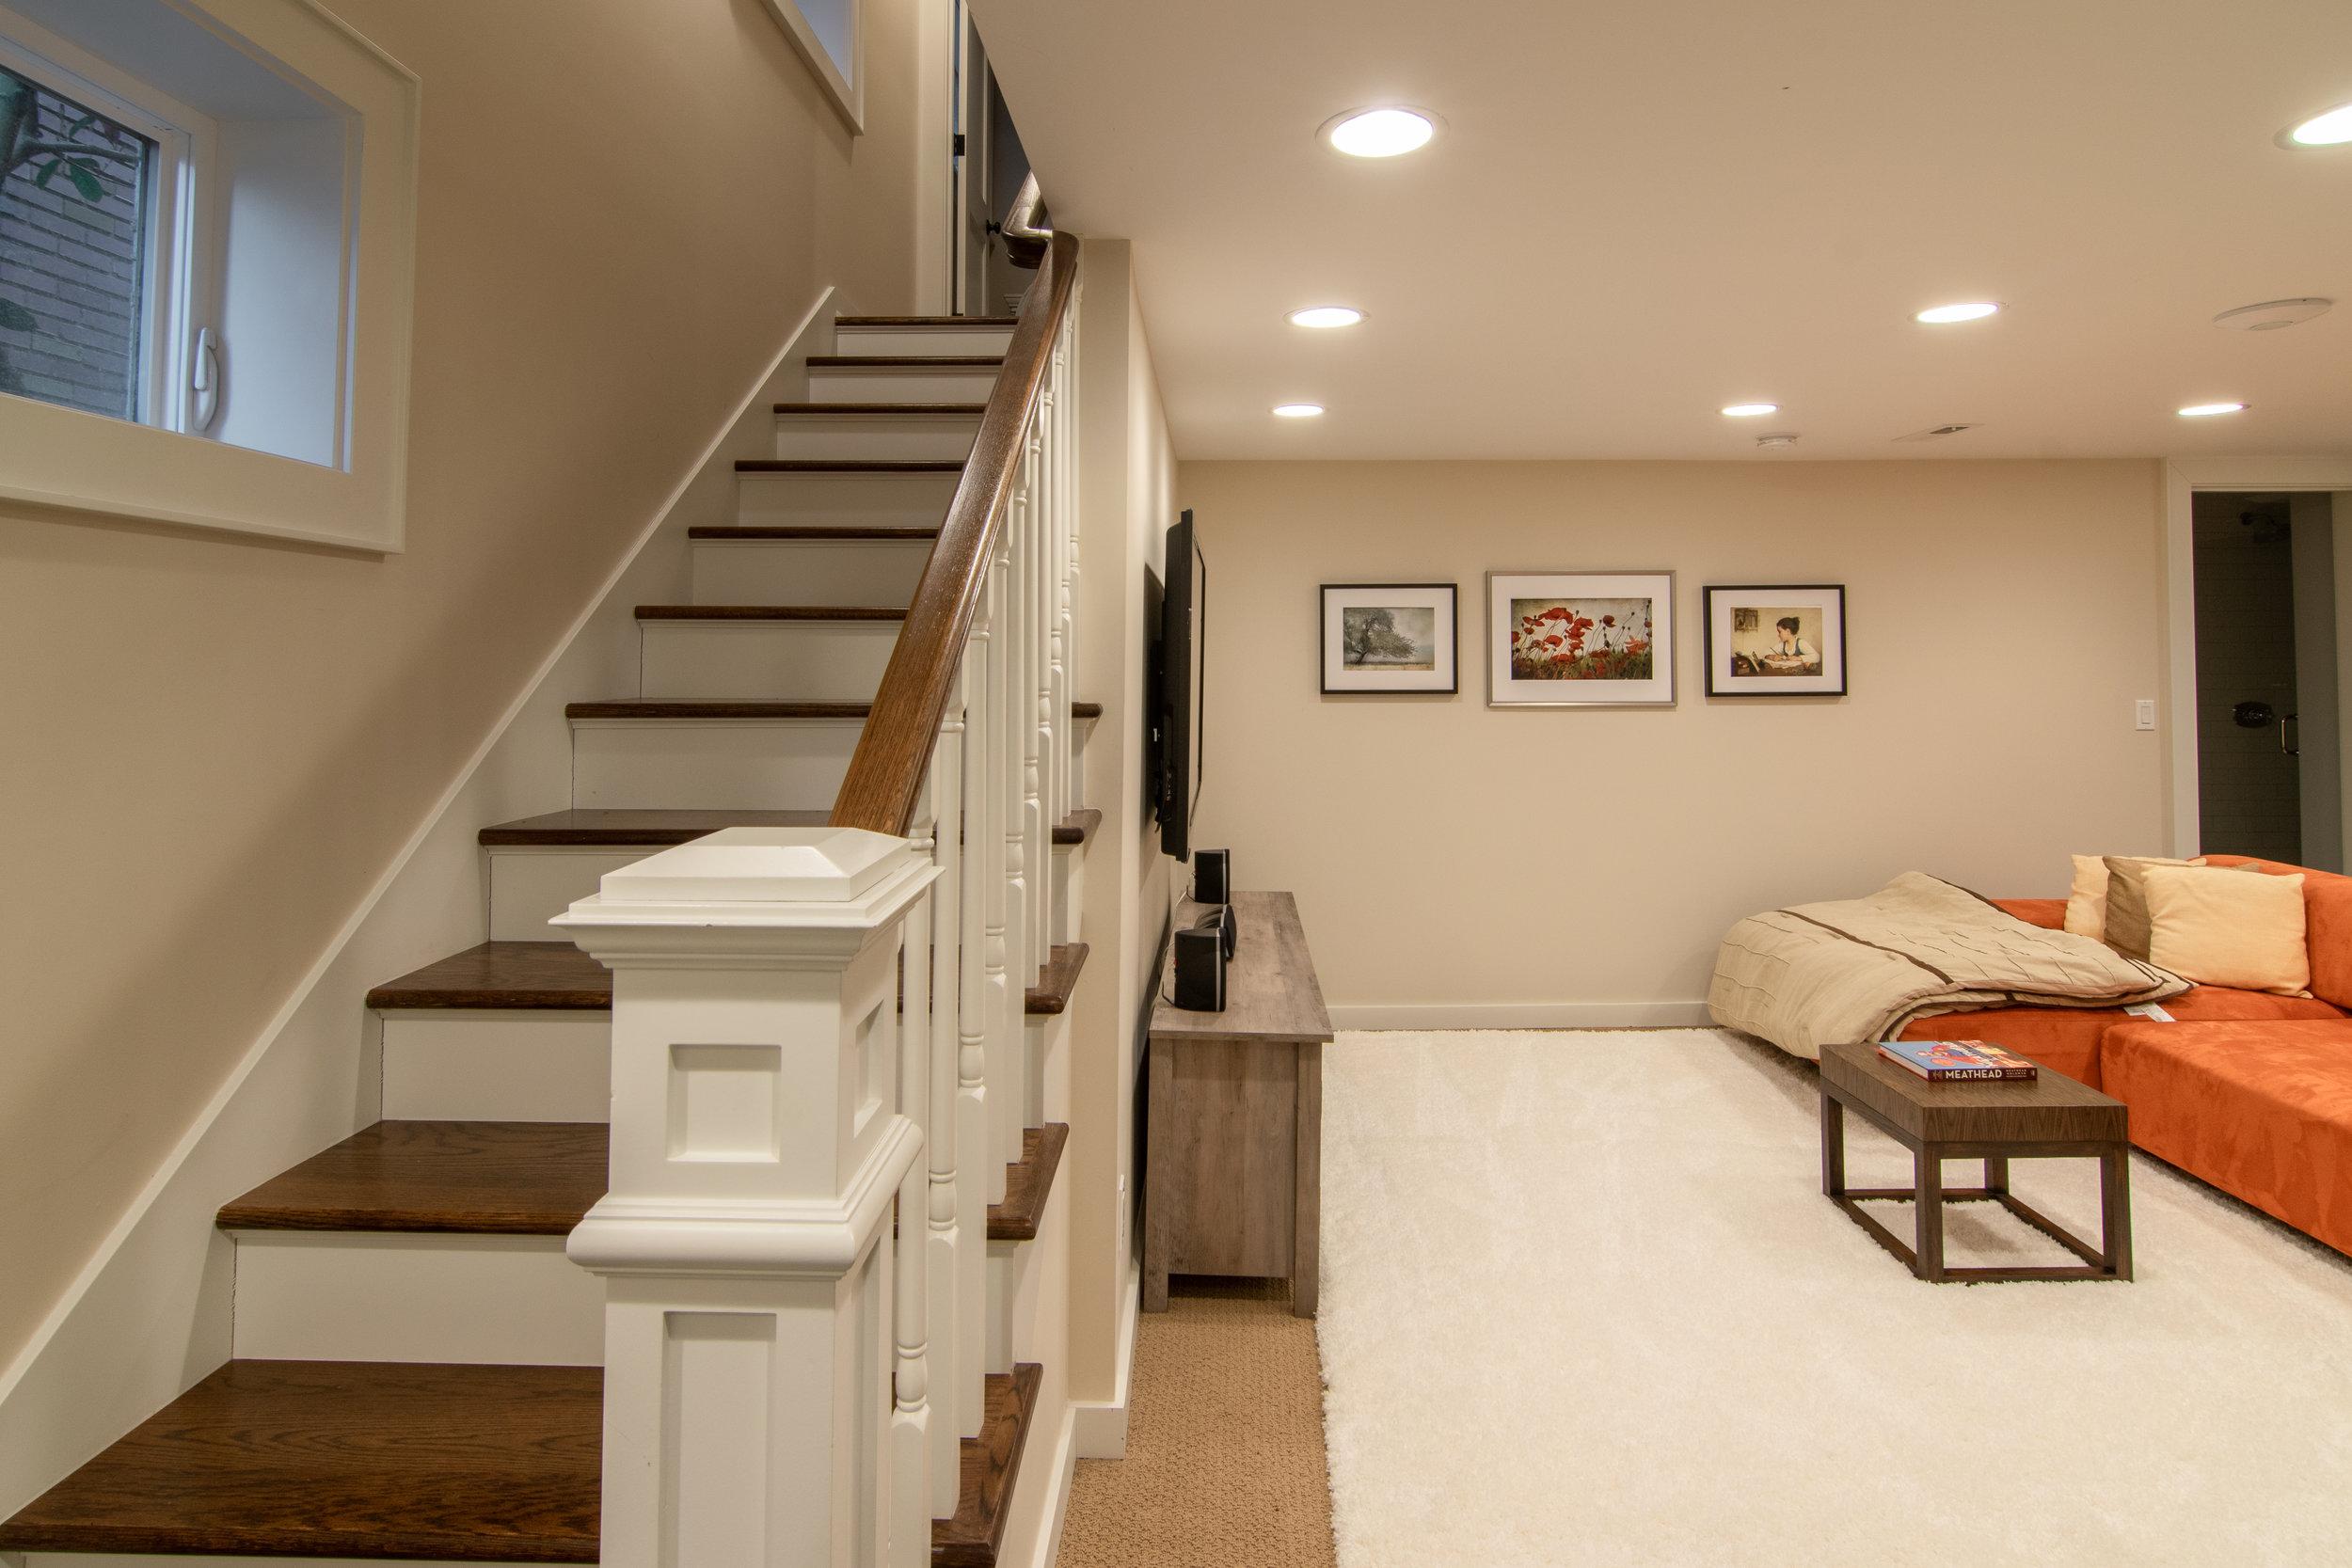 21 - Queen Anne Victorian basement rec room.jpg